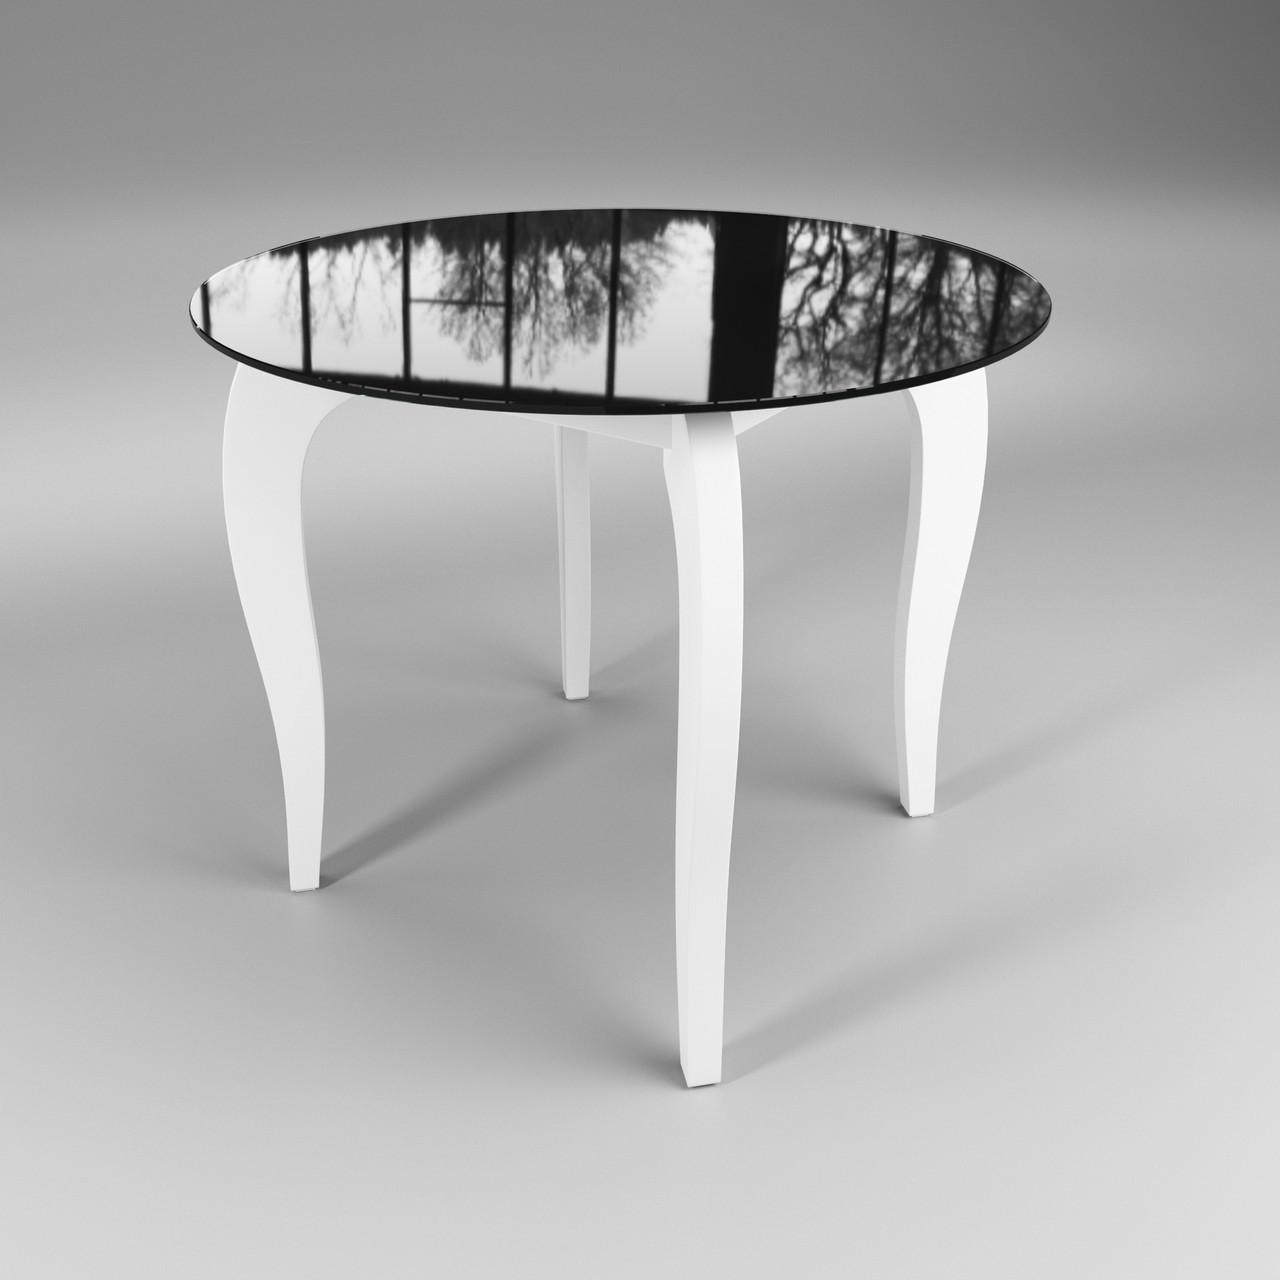 Стол Sentenzo Император Круг Контраст кухонный обеденный круглый стеклянный на деревянных ножках нераскладной